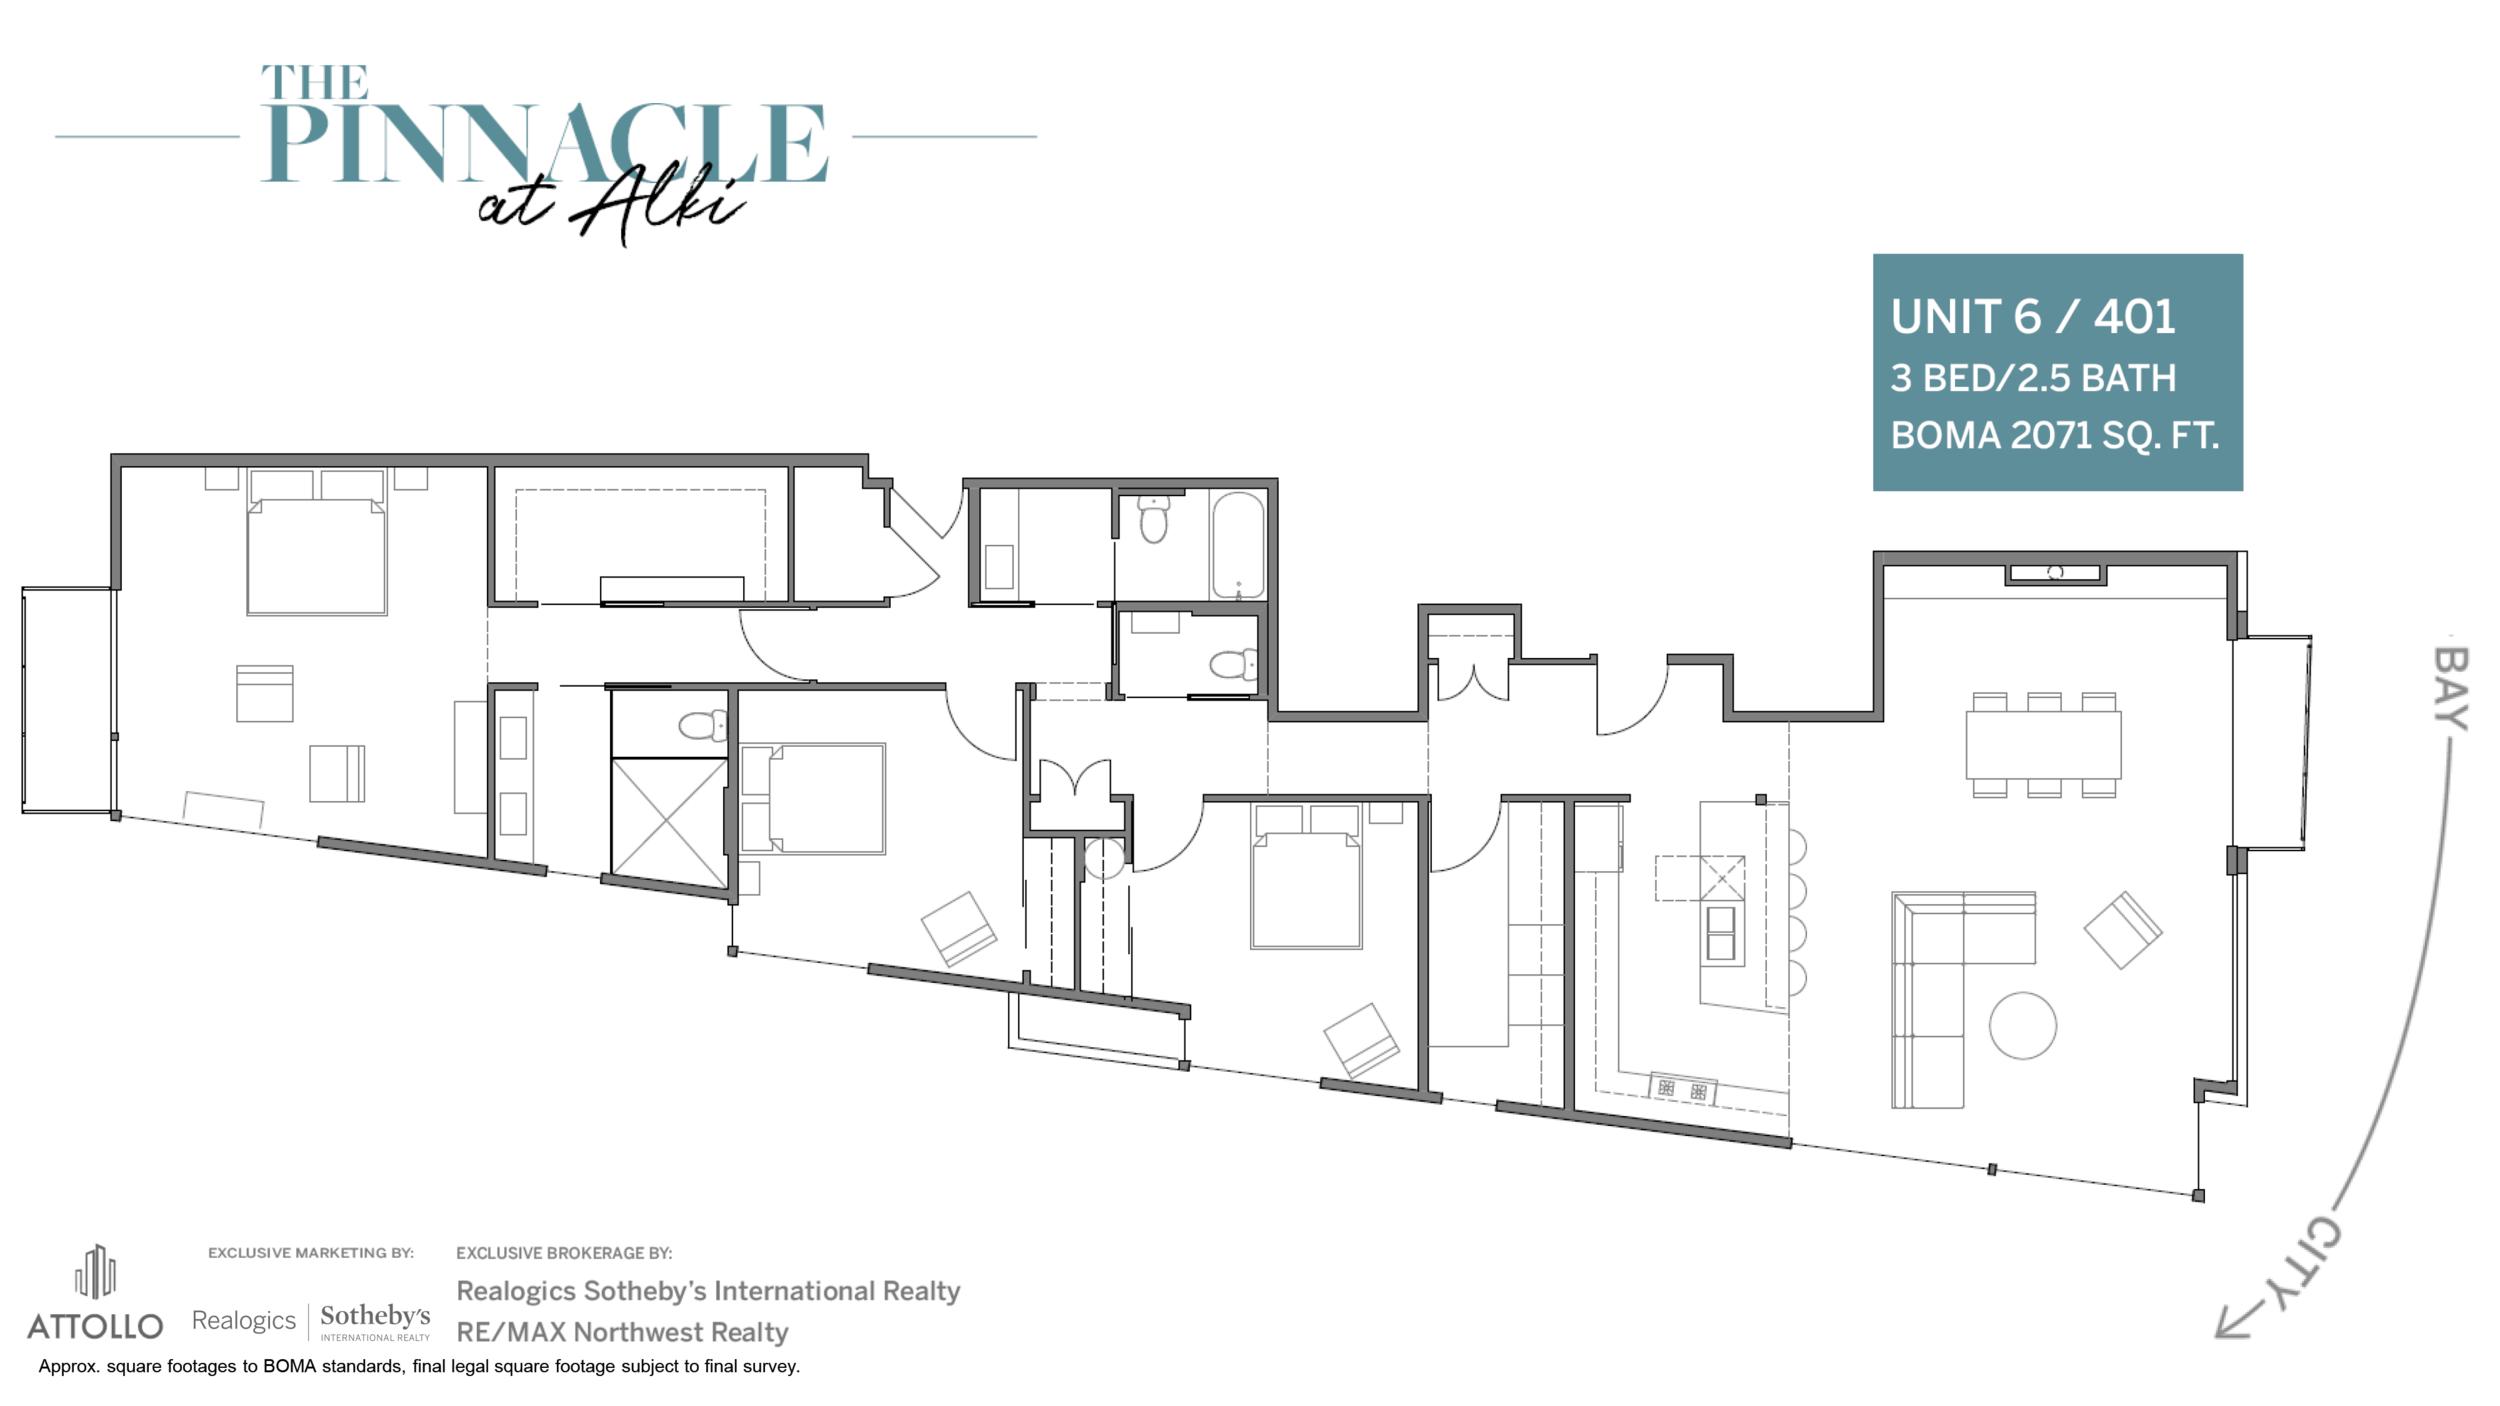 Pinnacle Floor Plan Unit 6 - 401.png